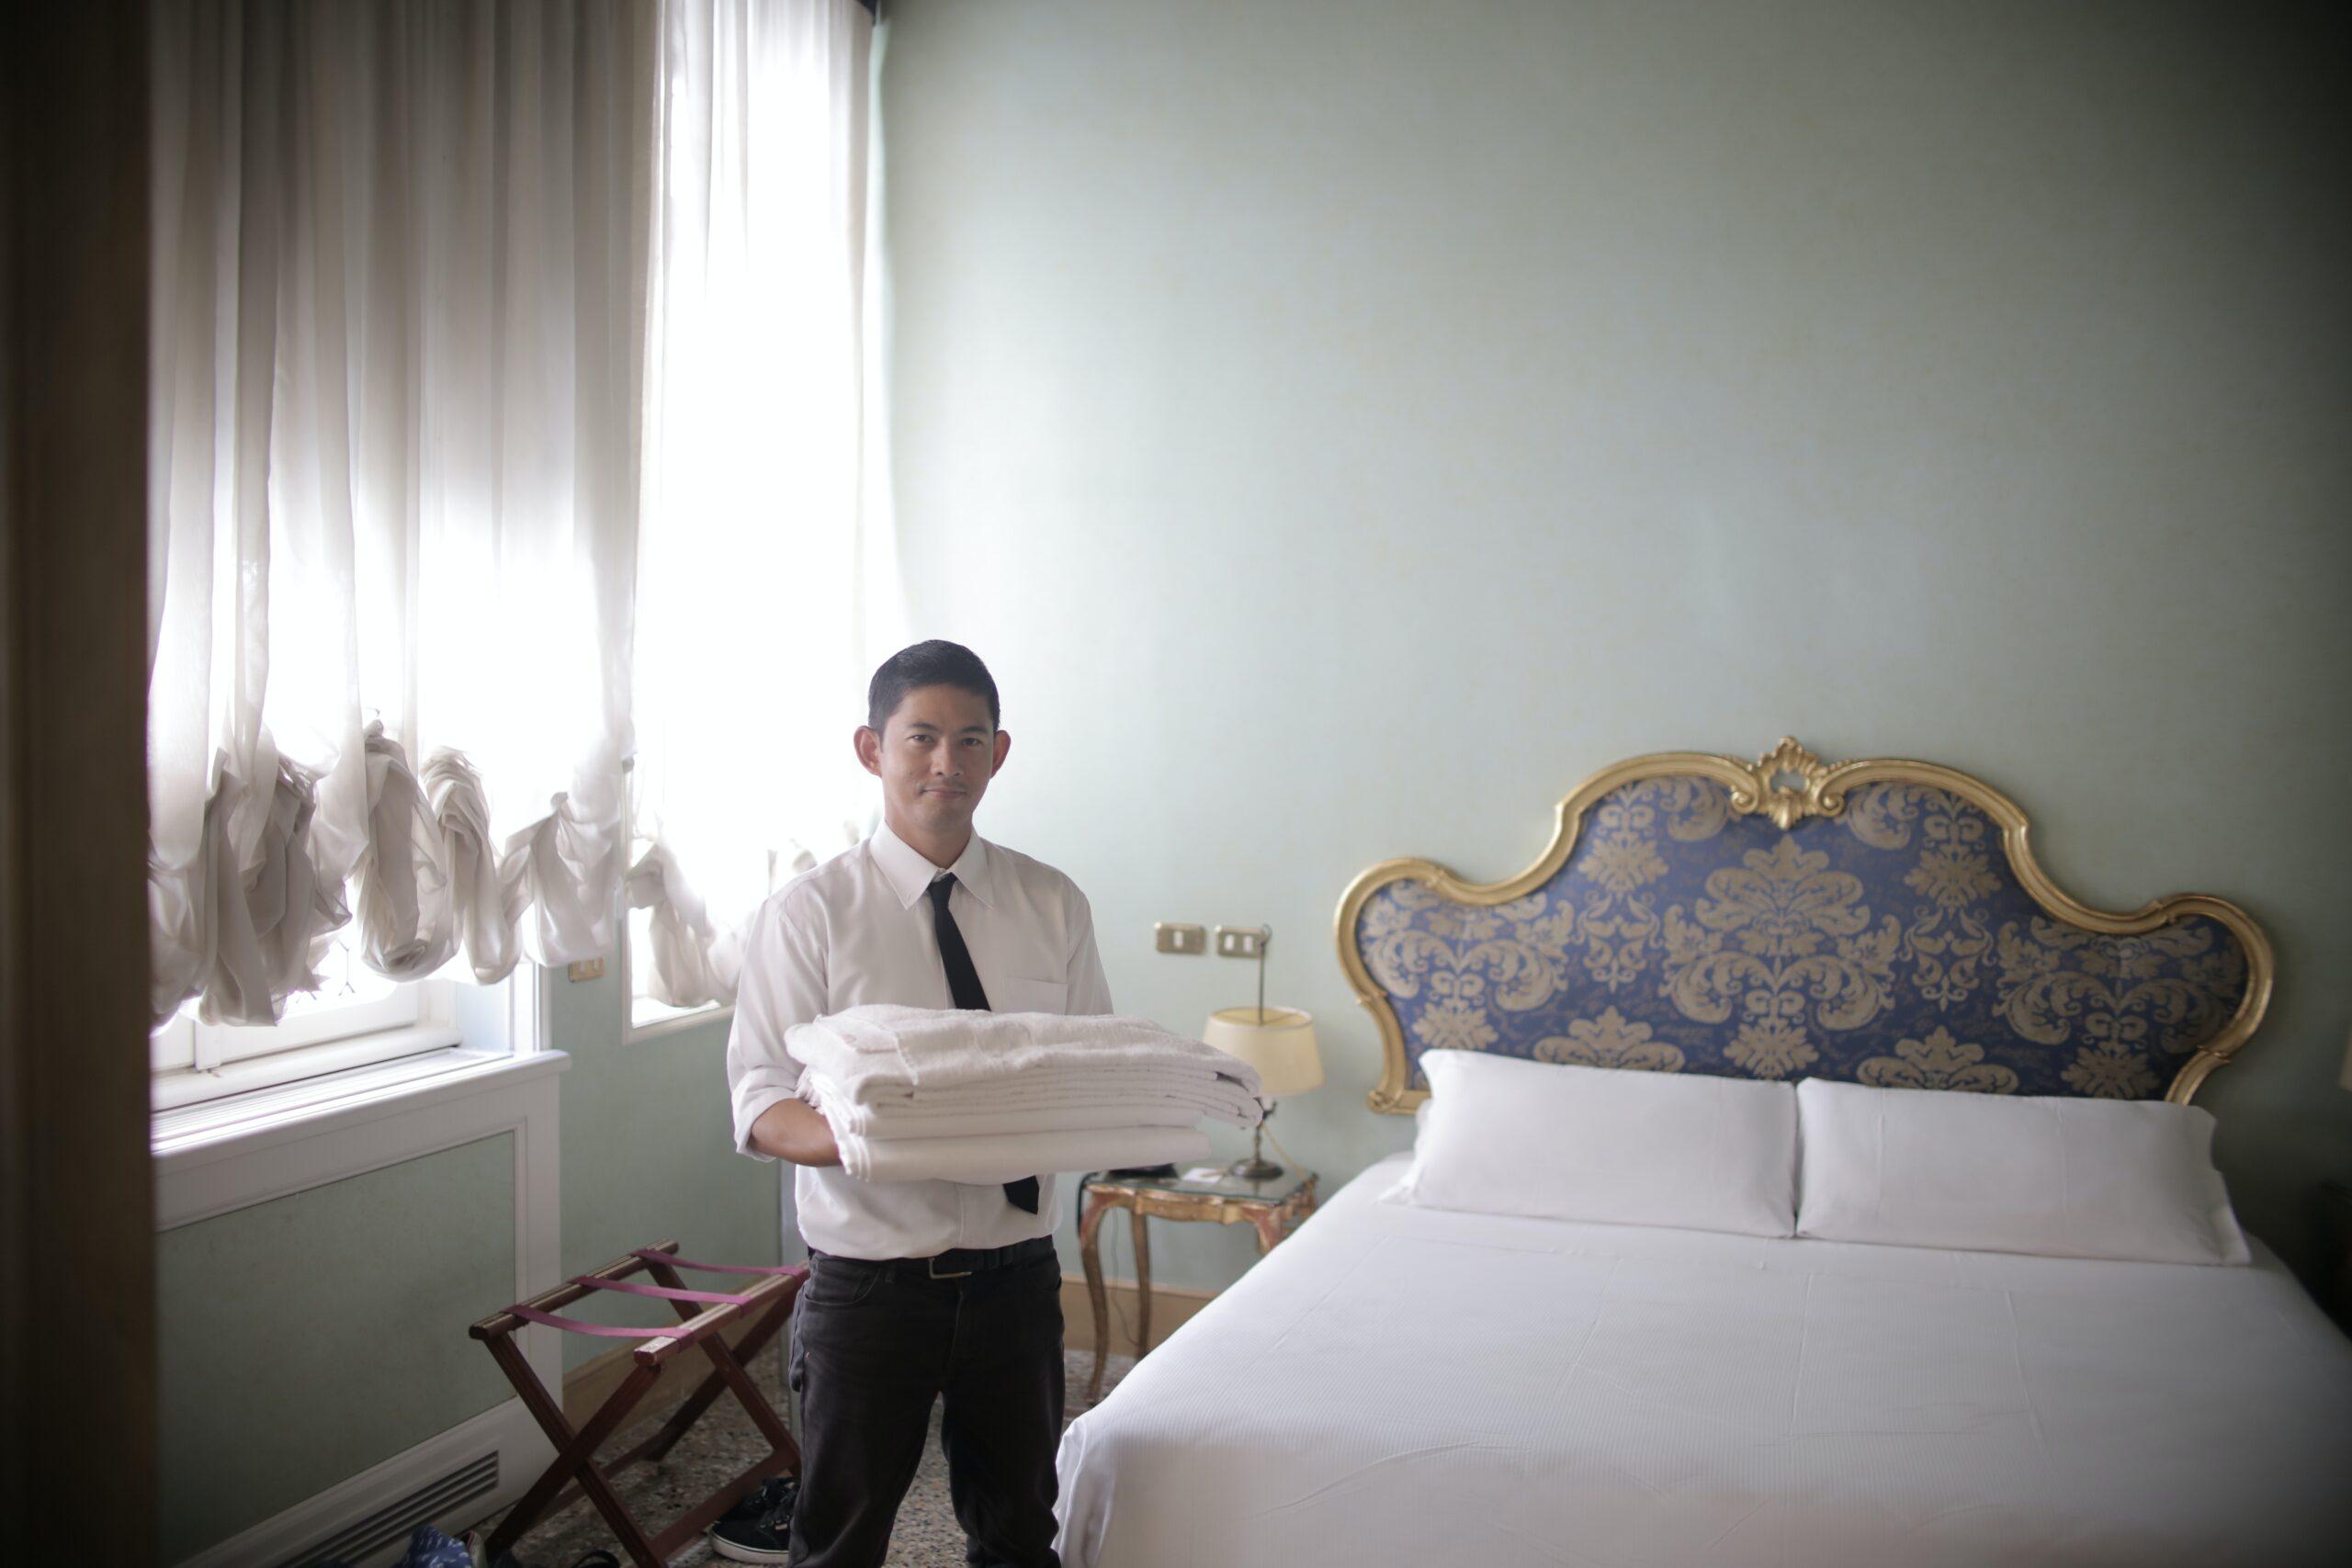 Качествено спално бельо от хубава материя, която е плътна и не се свива онлайн